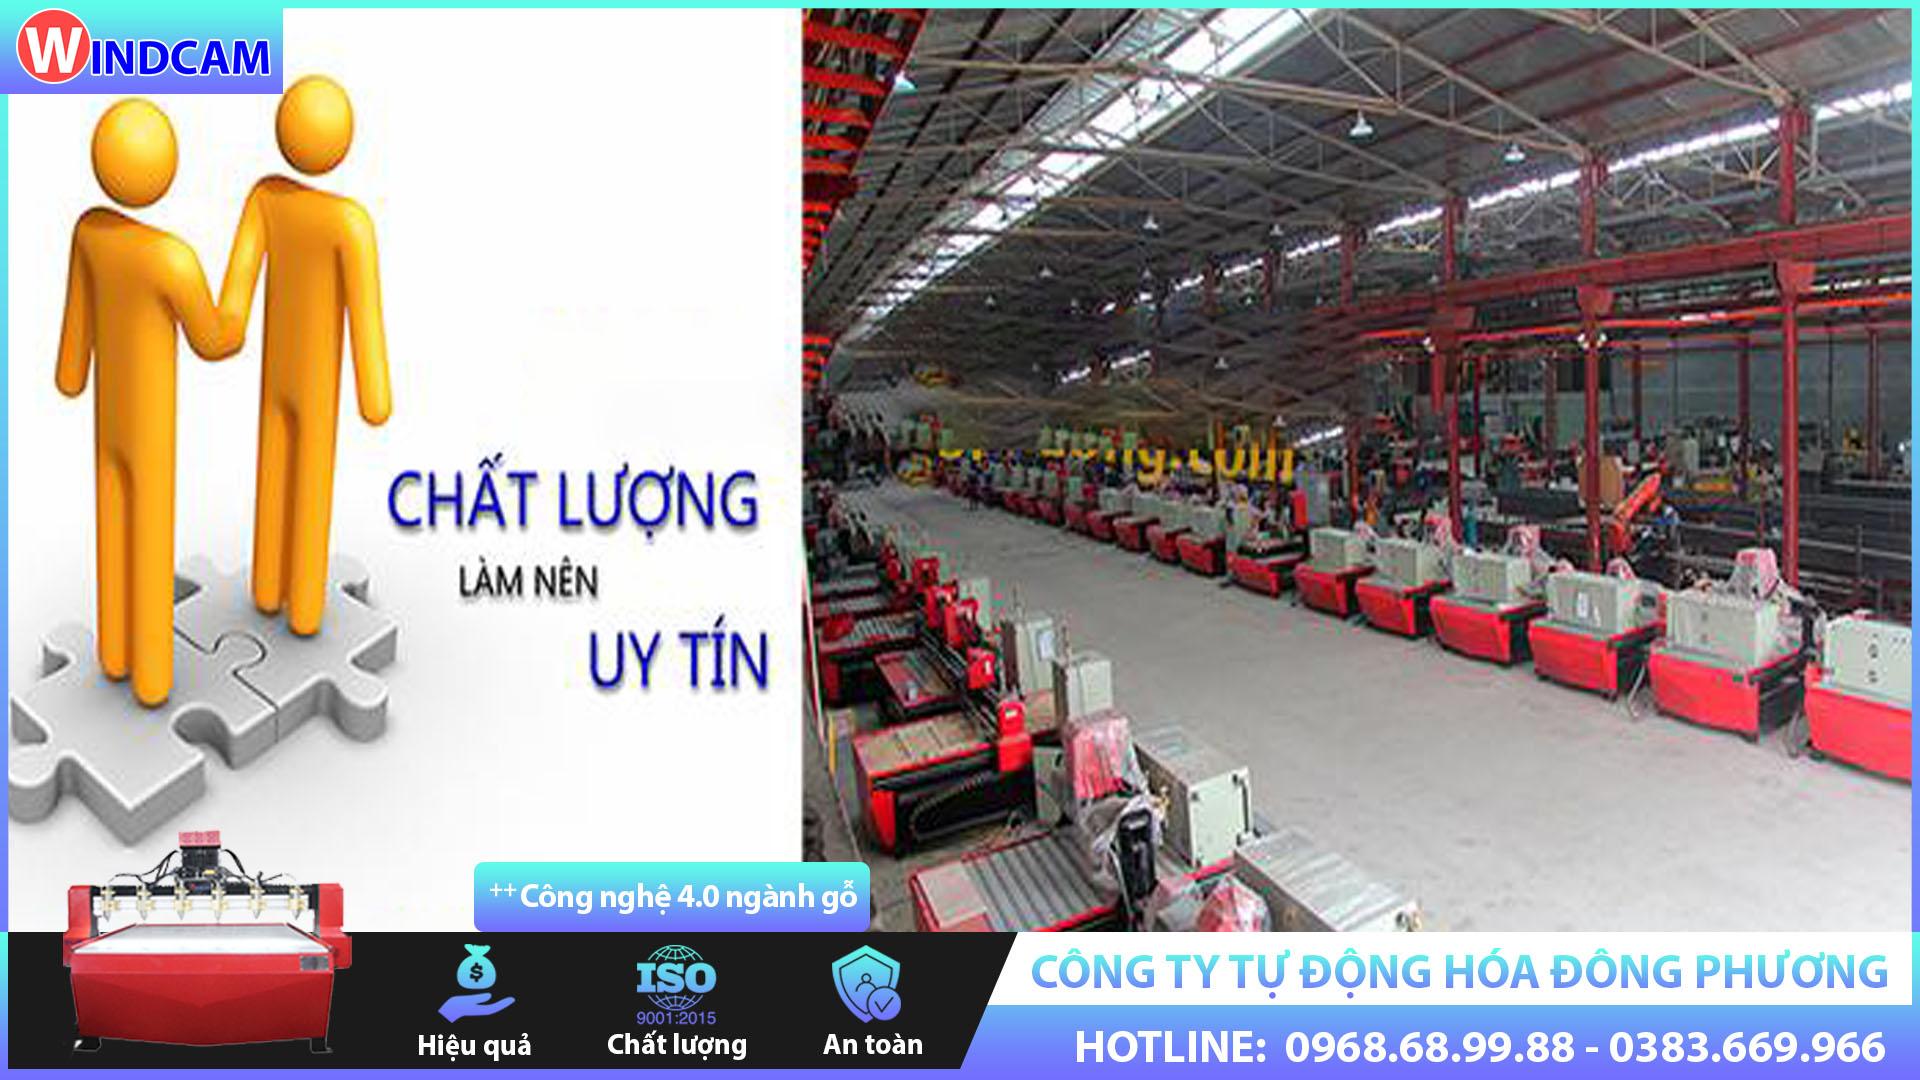 4-tieu-chi-danh-gia-lua-chon-don-vi-cung-cap-may-khac-cnc-uy-tin-chat-luong (2).jpg